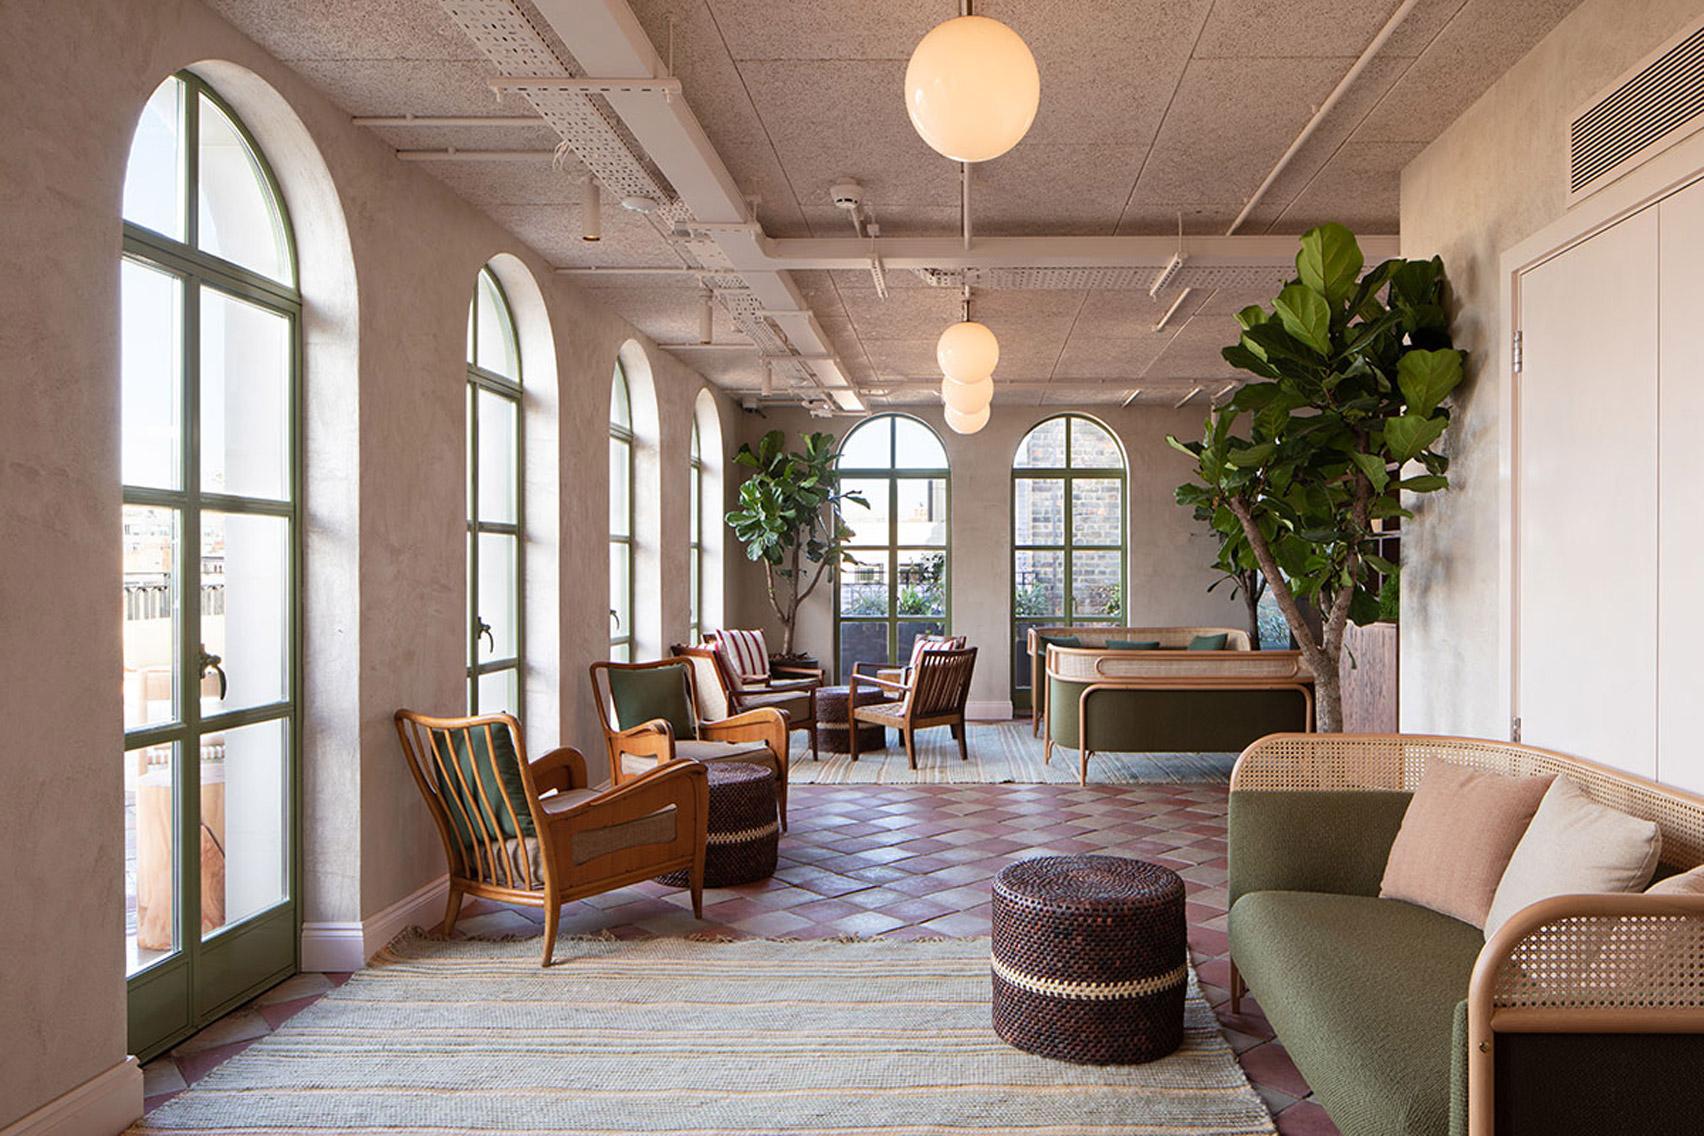 Interiors of The Conduit members club in London, UK